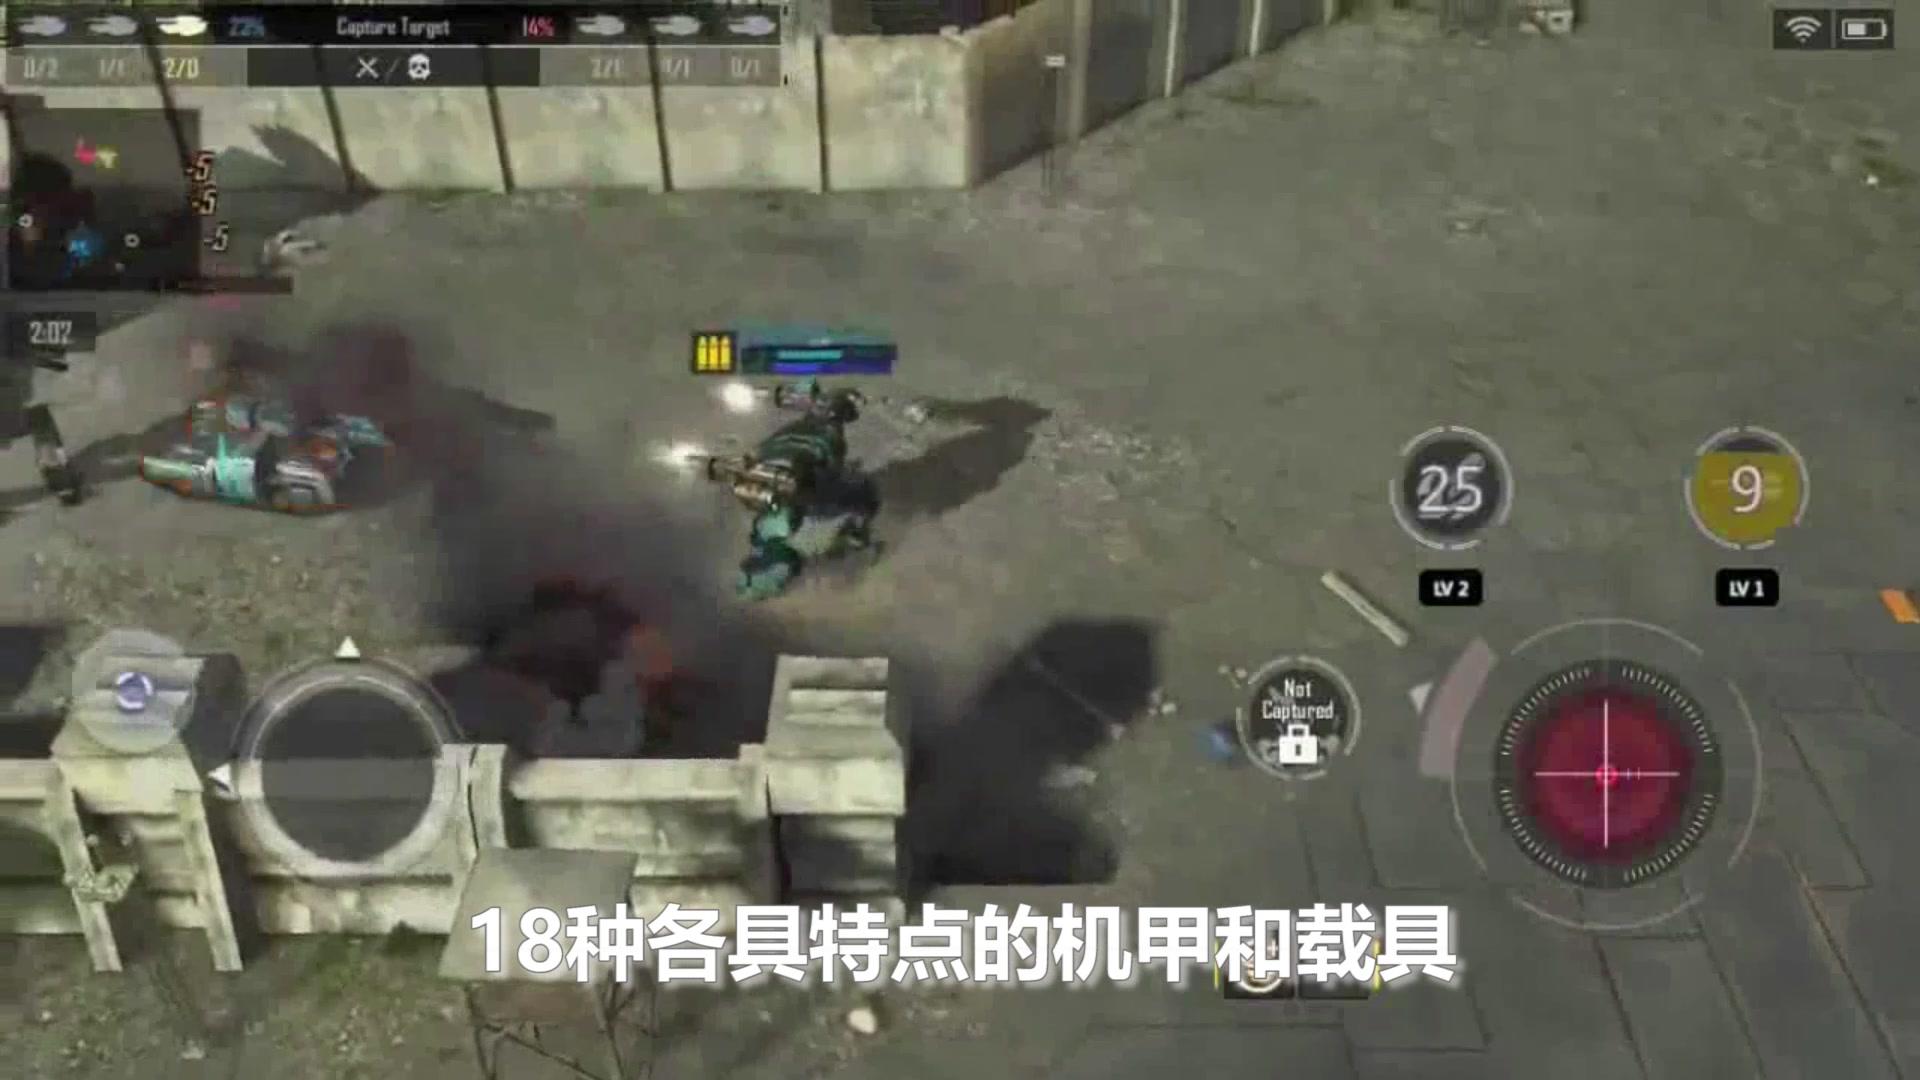 《致命机甲》试玩视频-17173新游秒懂